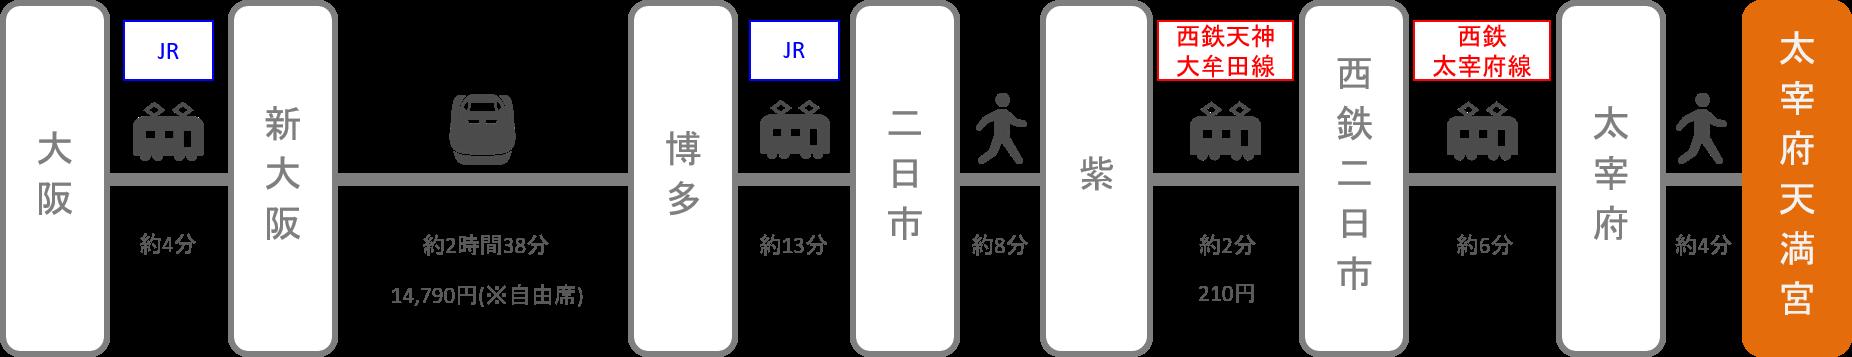 太宰府天満宮_大阪_新幹線